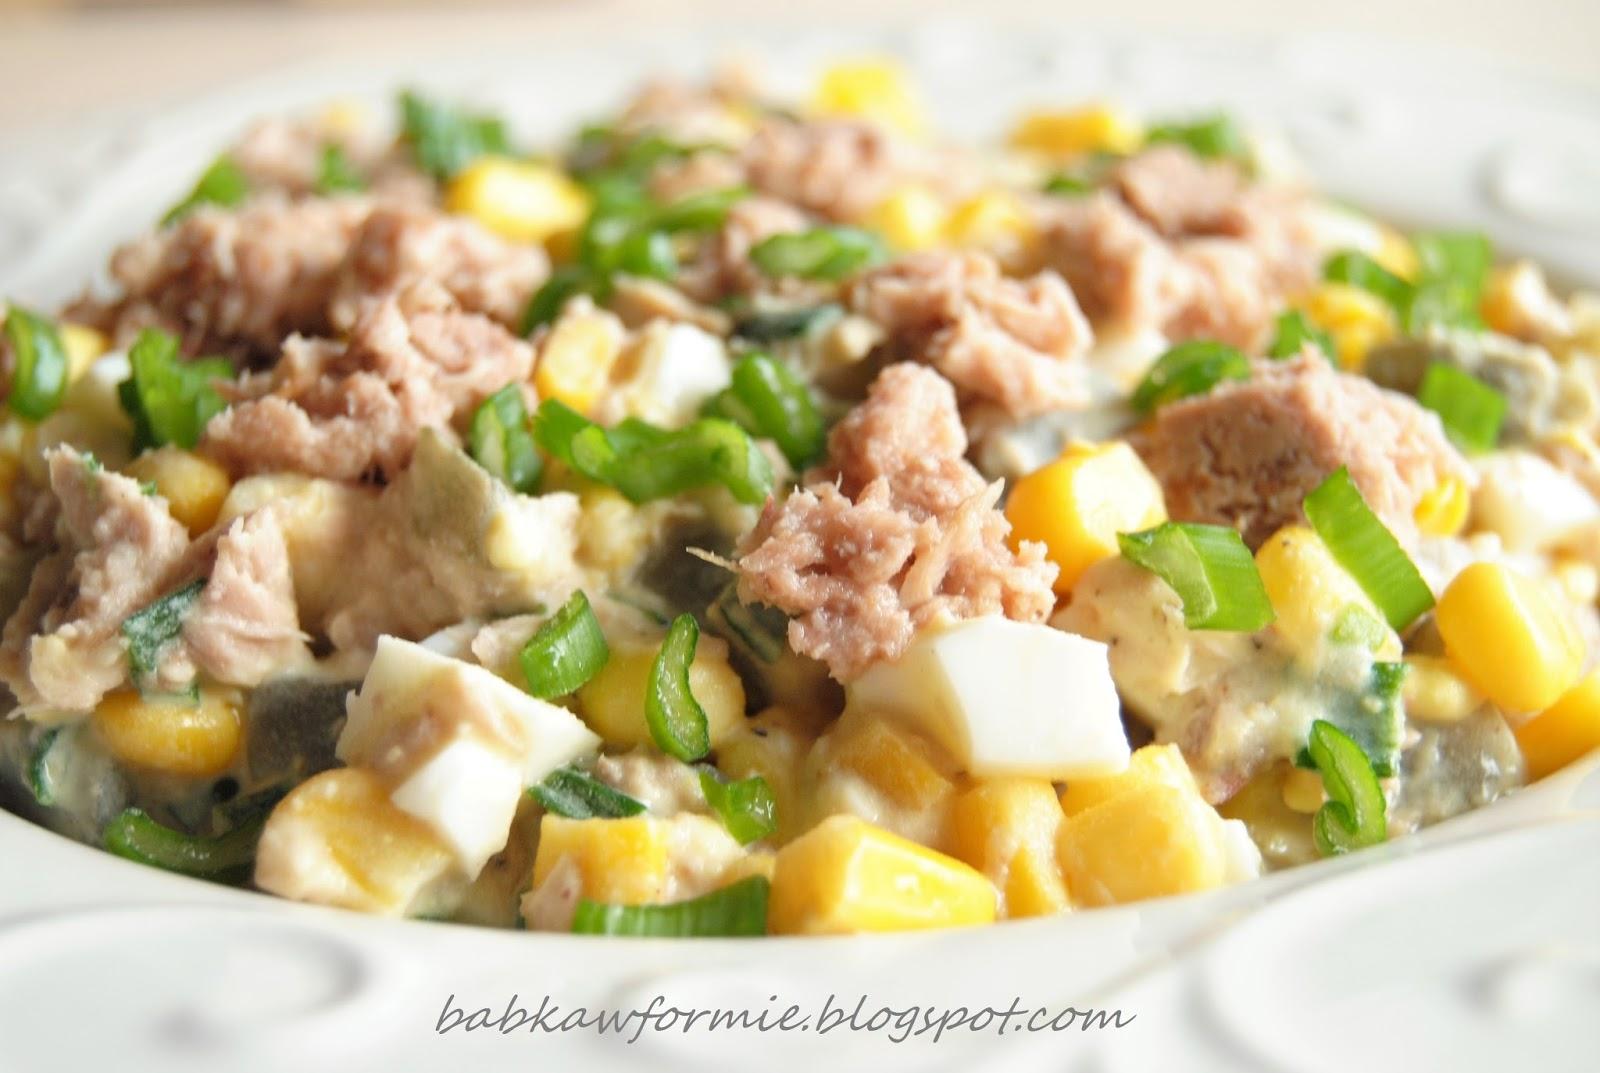 przystawki i przekąski sałatka z tuńczykiem babkawformie.blogspot.com